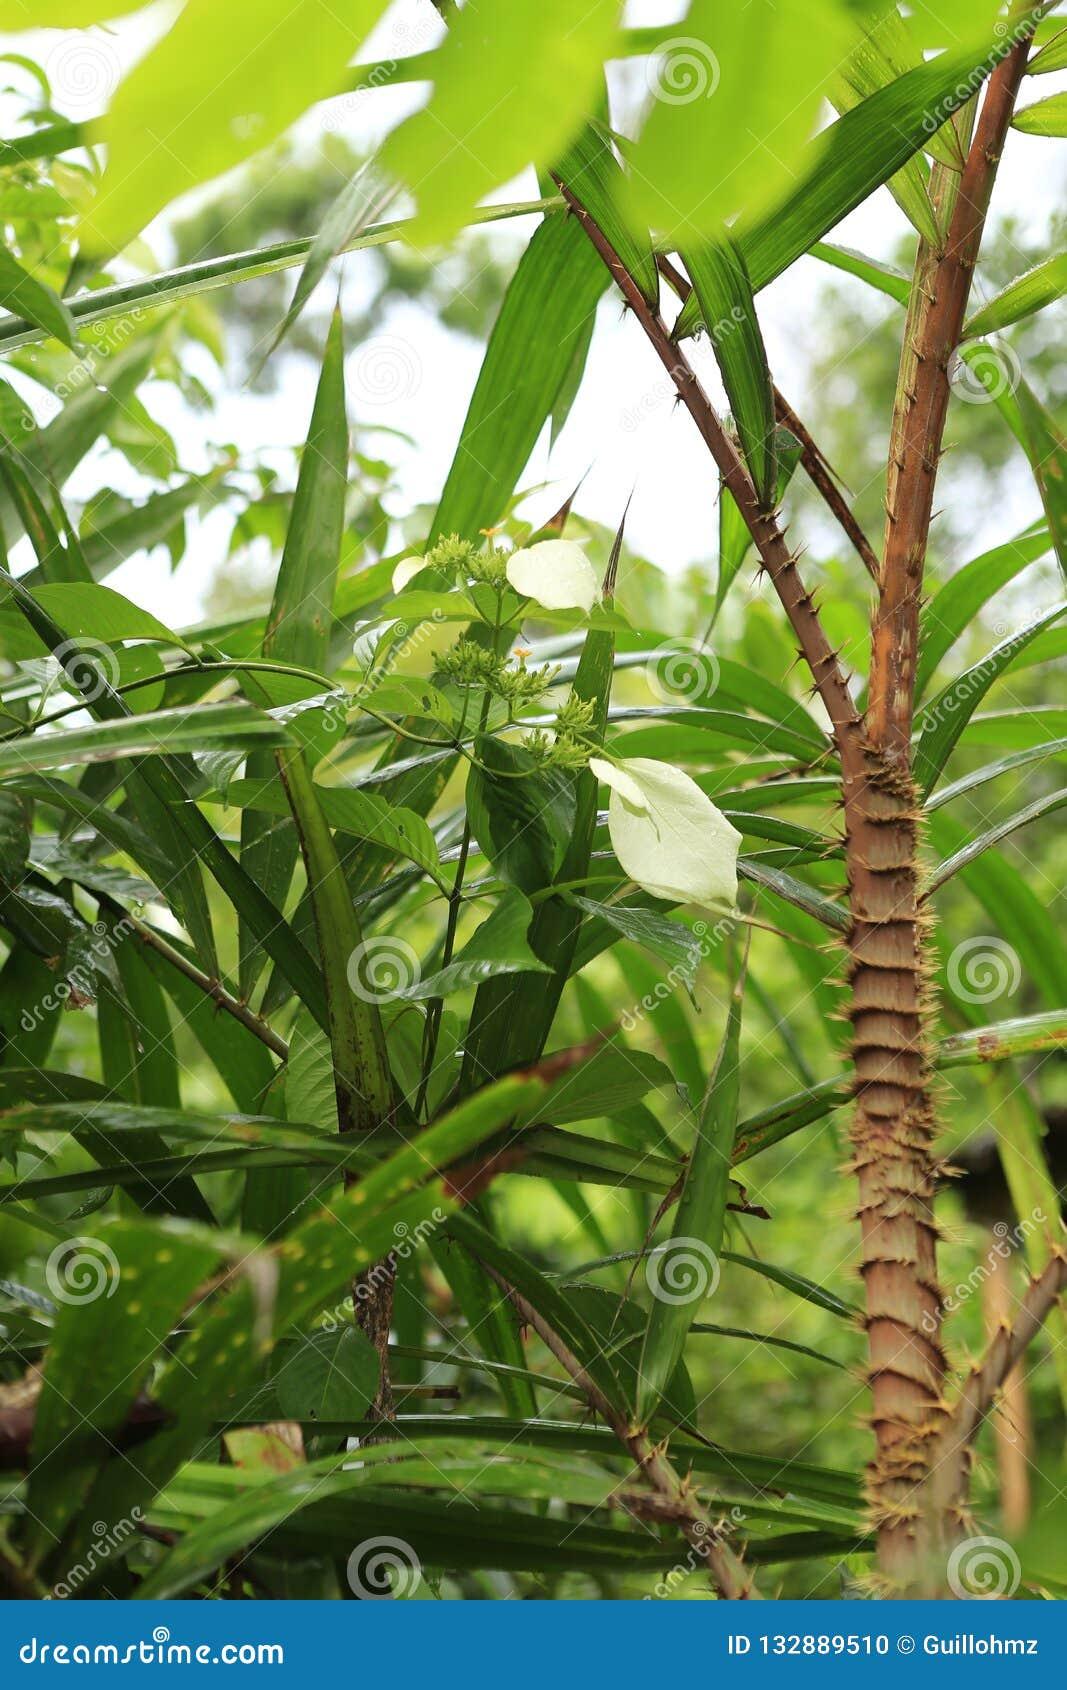 Zielony urlop w dżungli